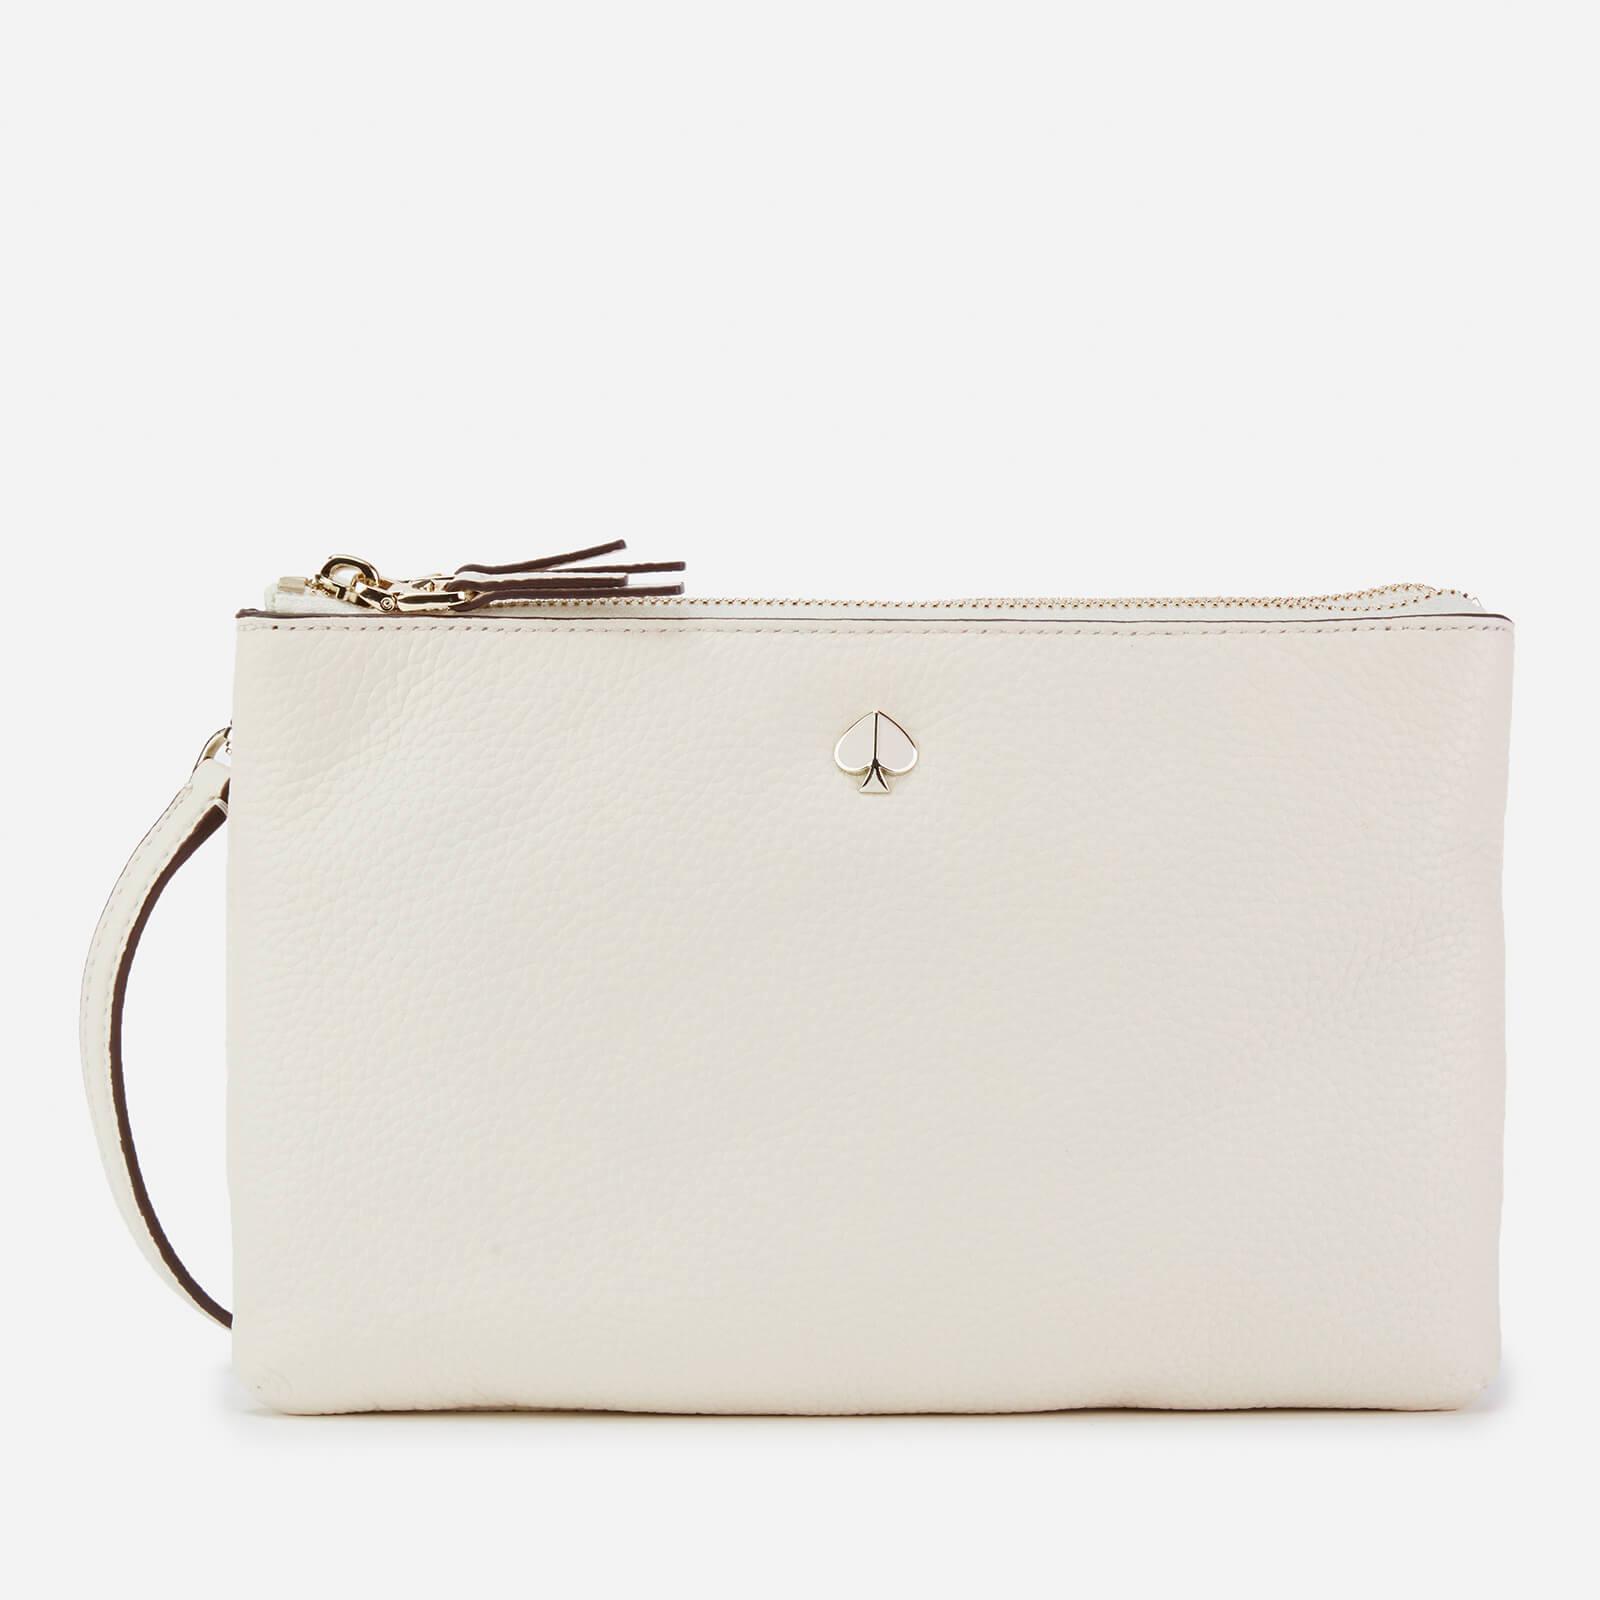 15762fbc296 Kate Spade New York Women's Polly Medium Double Gusset Cross Body Bag -  White